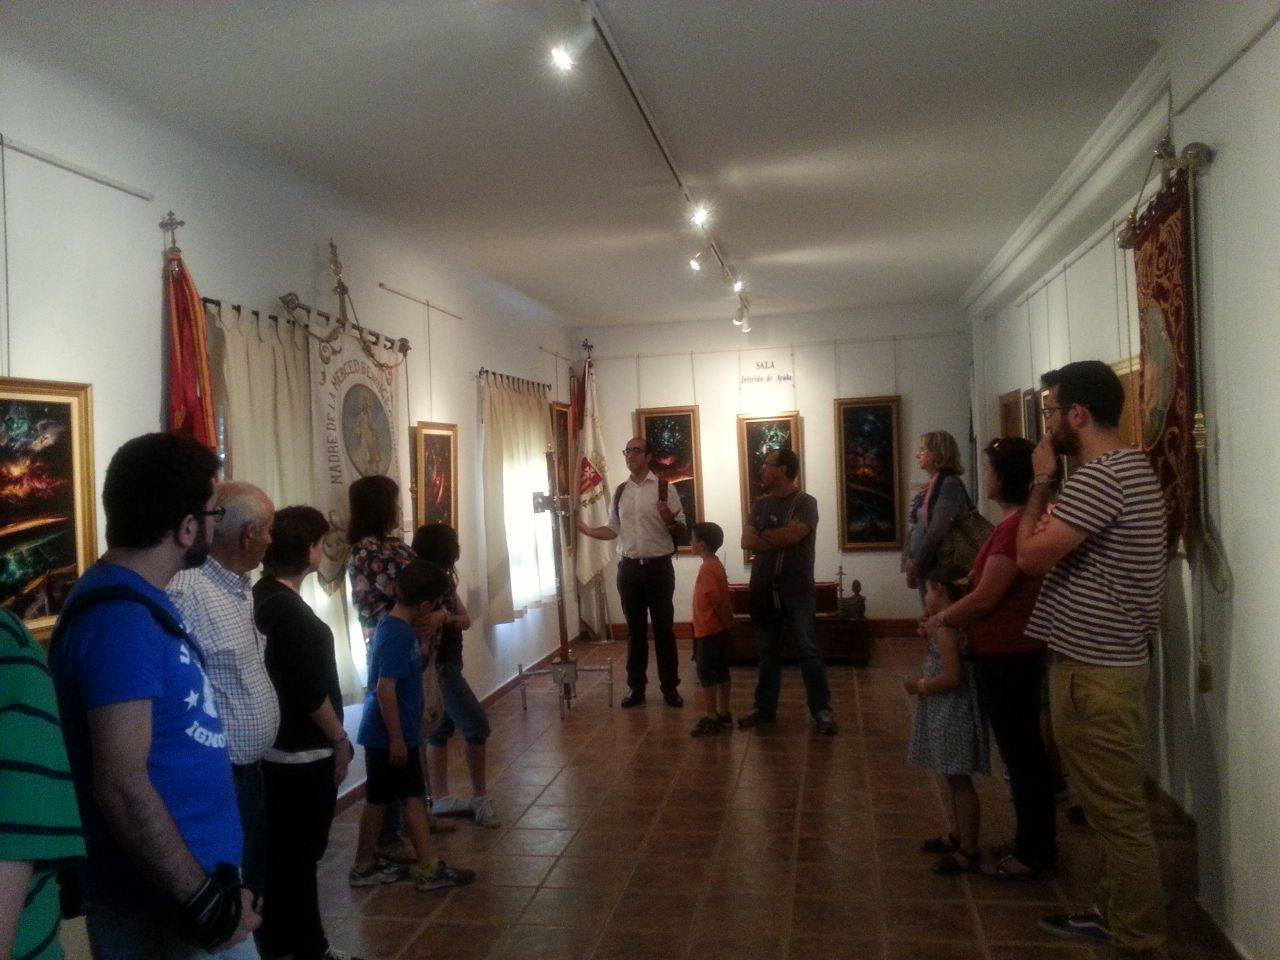 visita-casa-museo-de-la-merced-de-herencia-16-05-2015_6